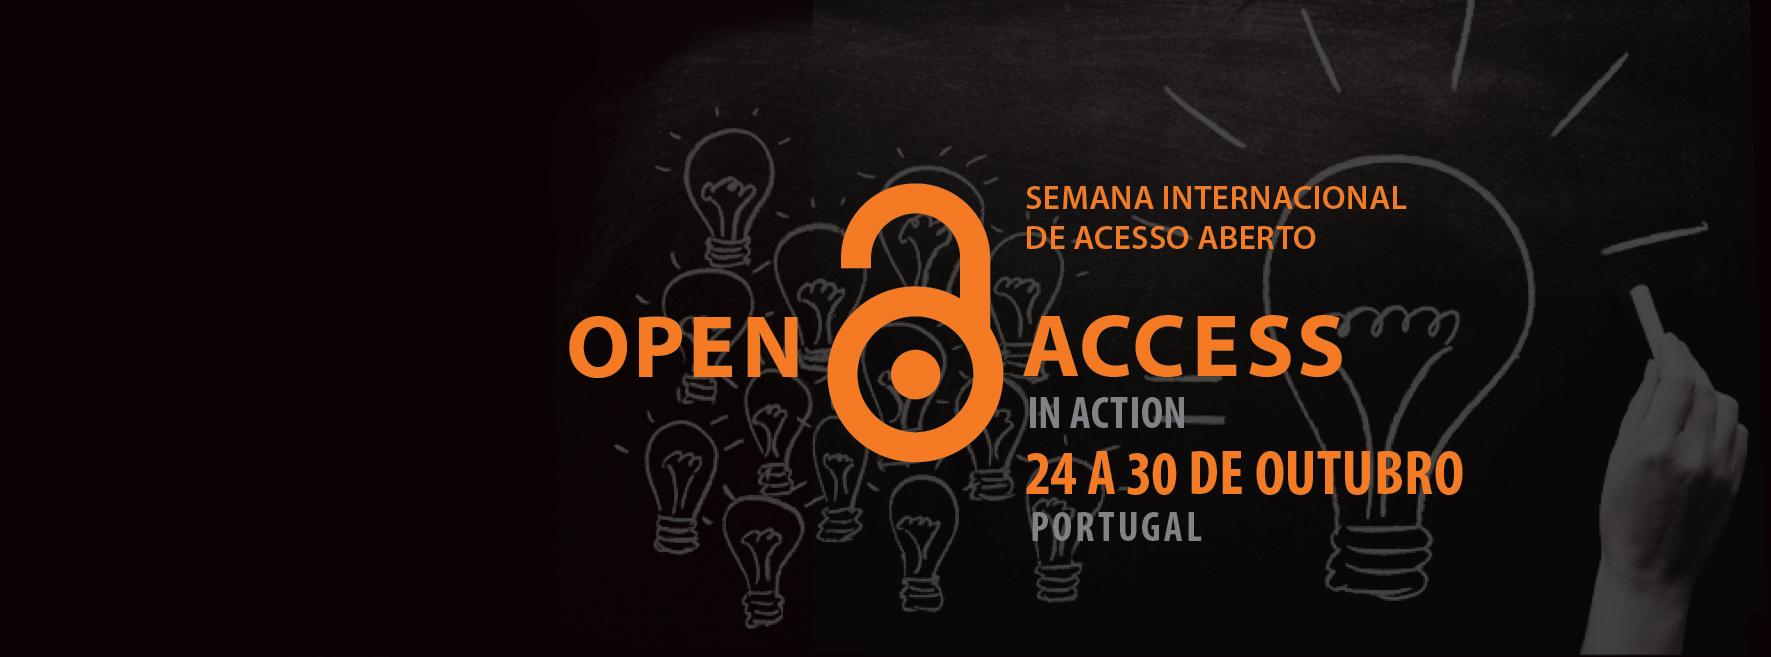 Lista de diretórios, portais, editores e outros recursos científicos disponíveis em Acesso Aberto: RCAAP (Repositório Científico de Acesso Aberto de Portugal) OpenDOAR (Directory of Open Access Repositories) OpenAIRE (Open Access […]